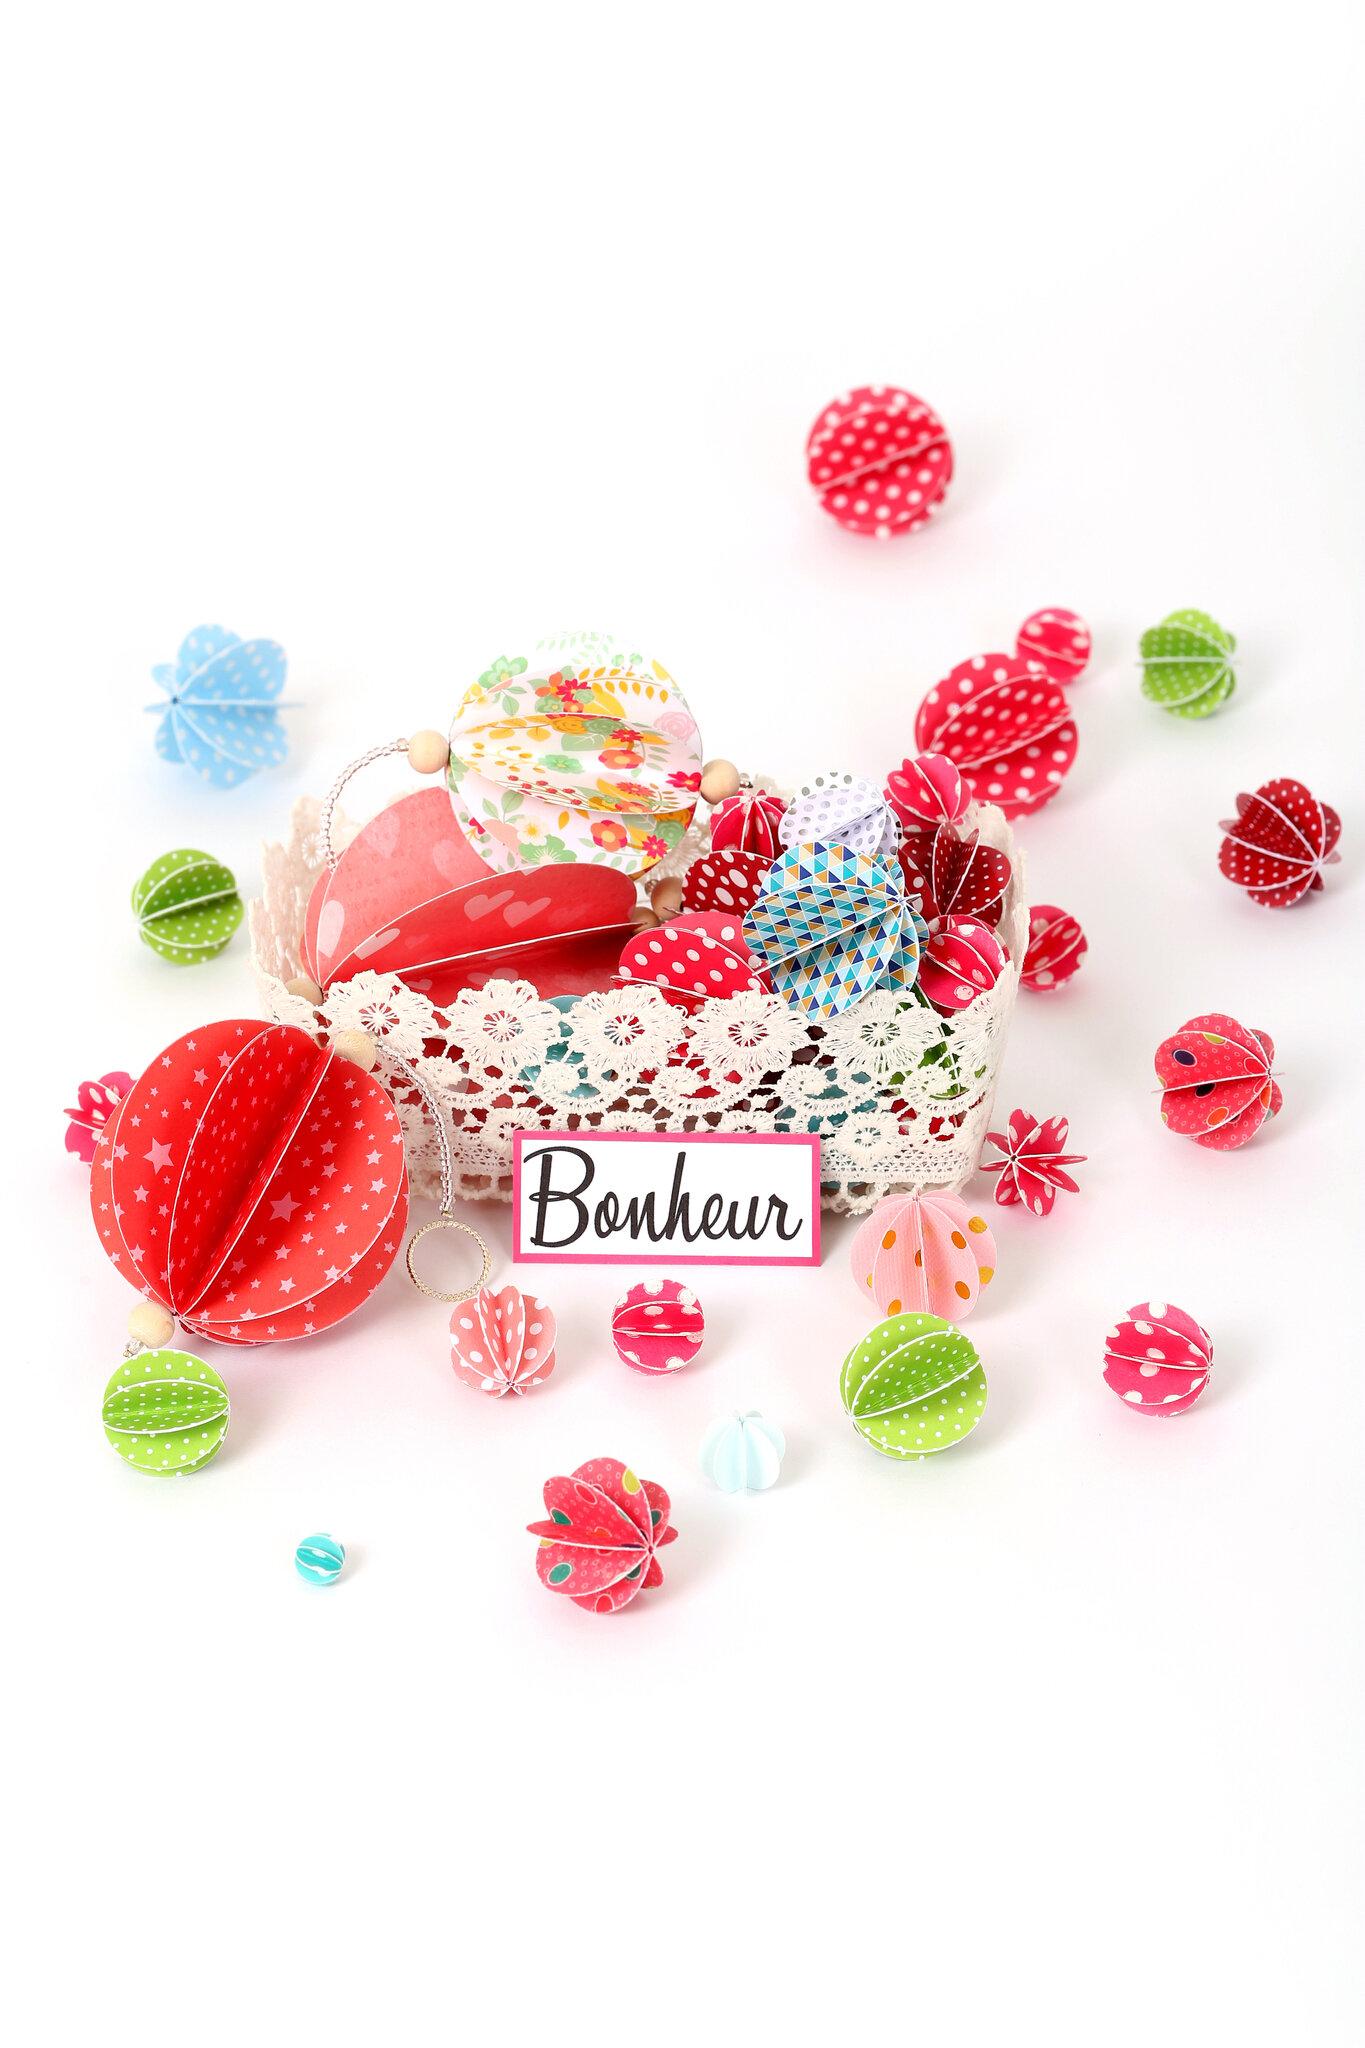 Comment Faire Des Boules En Papier ♡ tuto des boules en papier ♡ - décoration, diy, tuto